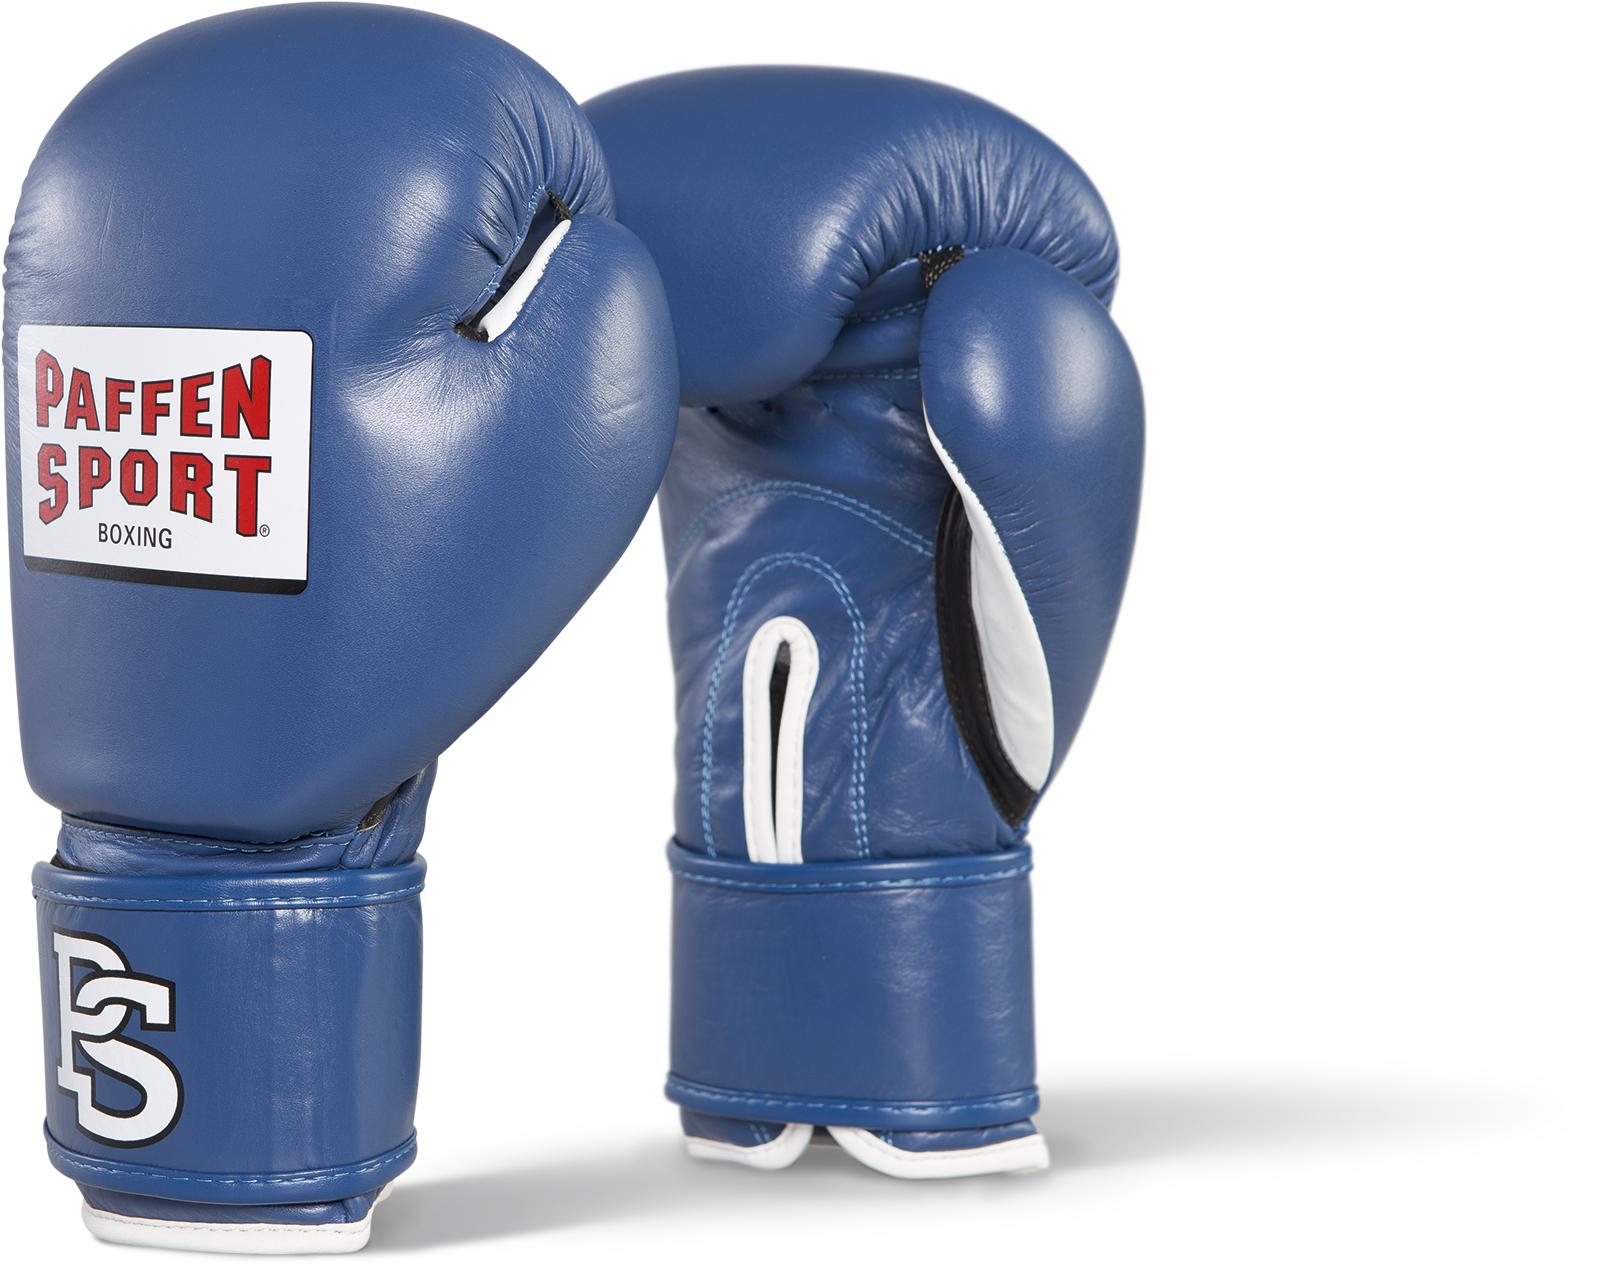 Paffen Sport Contest Handschuhe für den Wettkampf blau mit DBV Prüfmarke